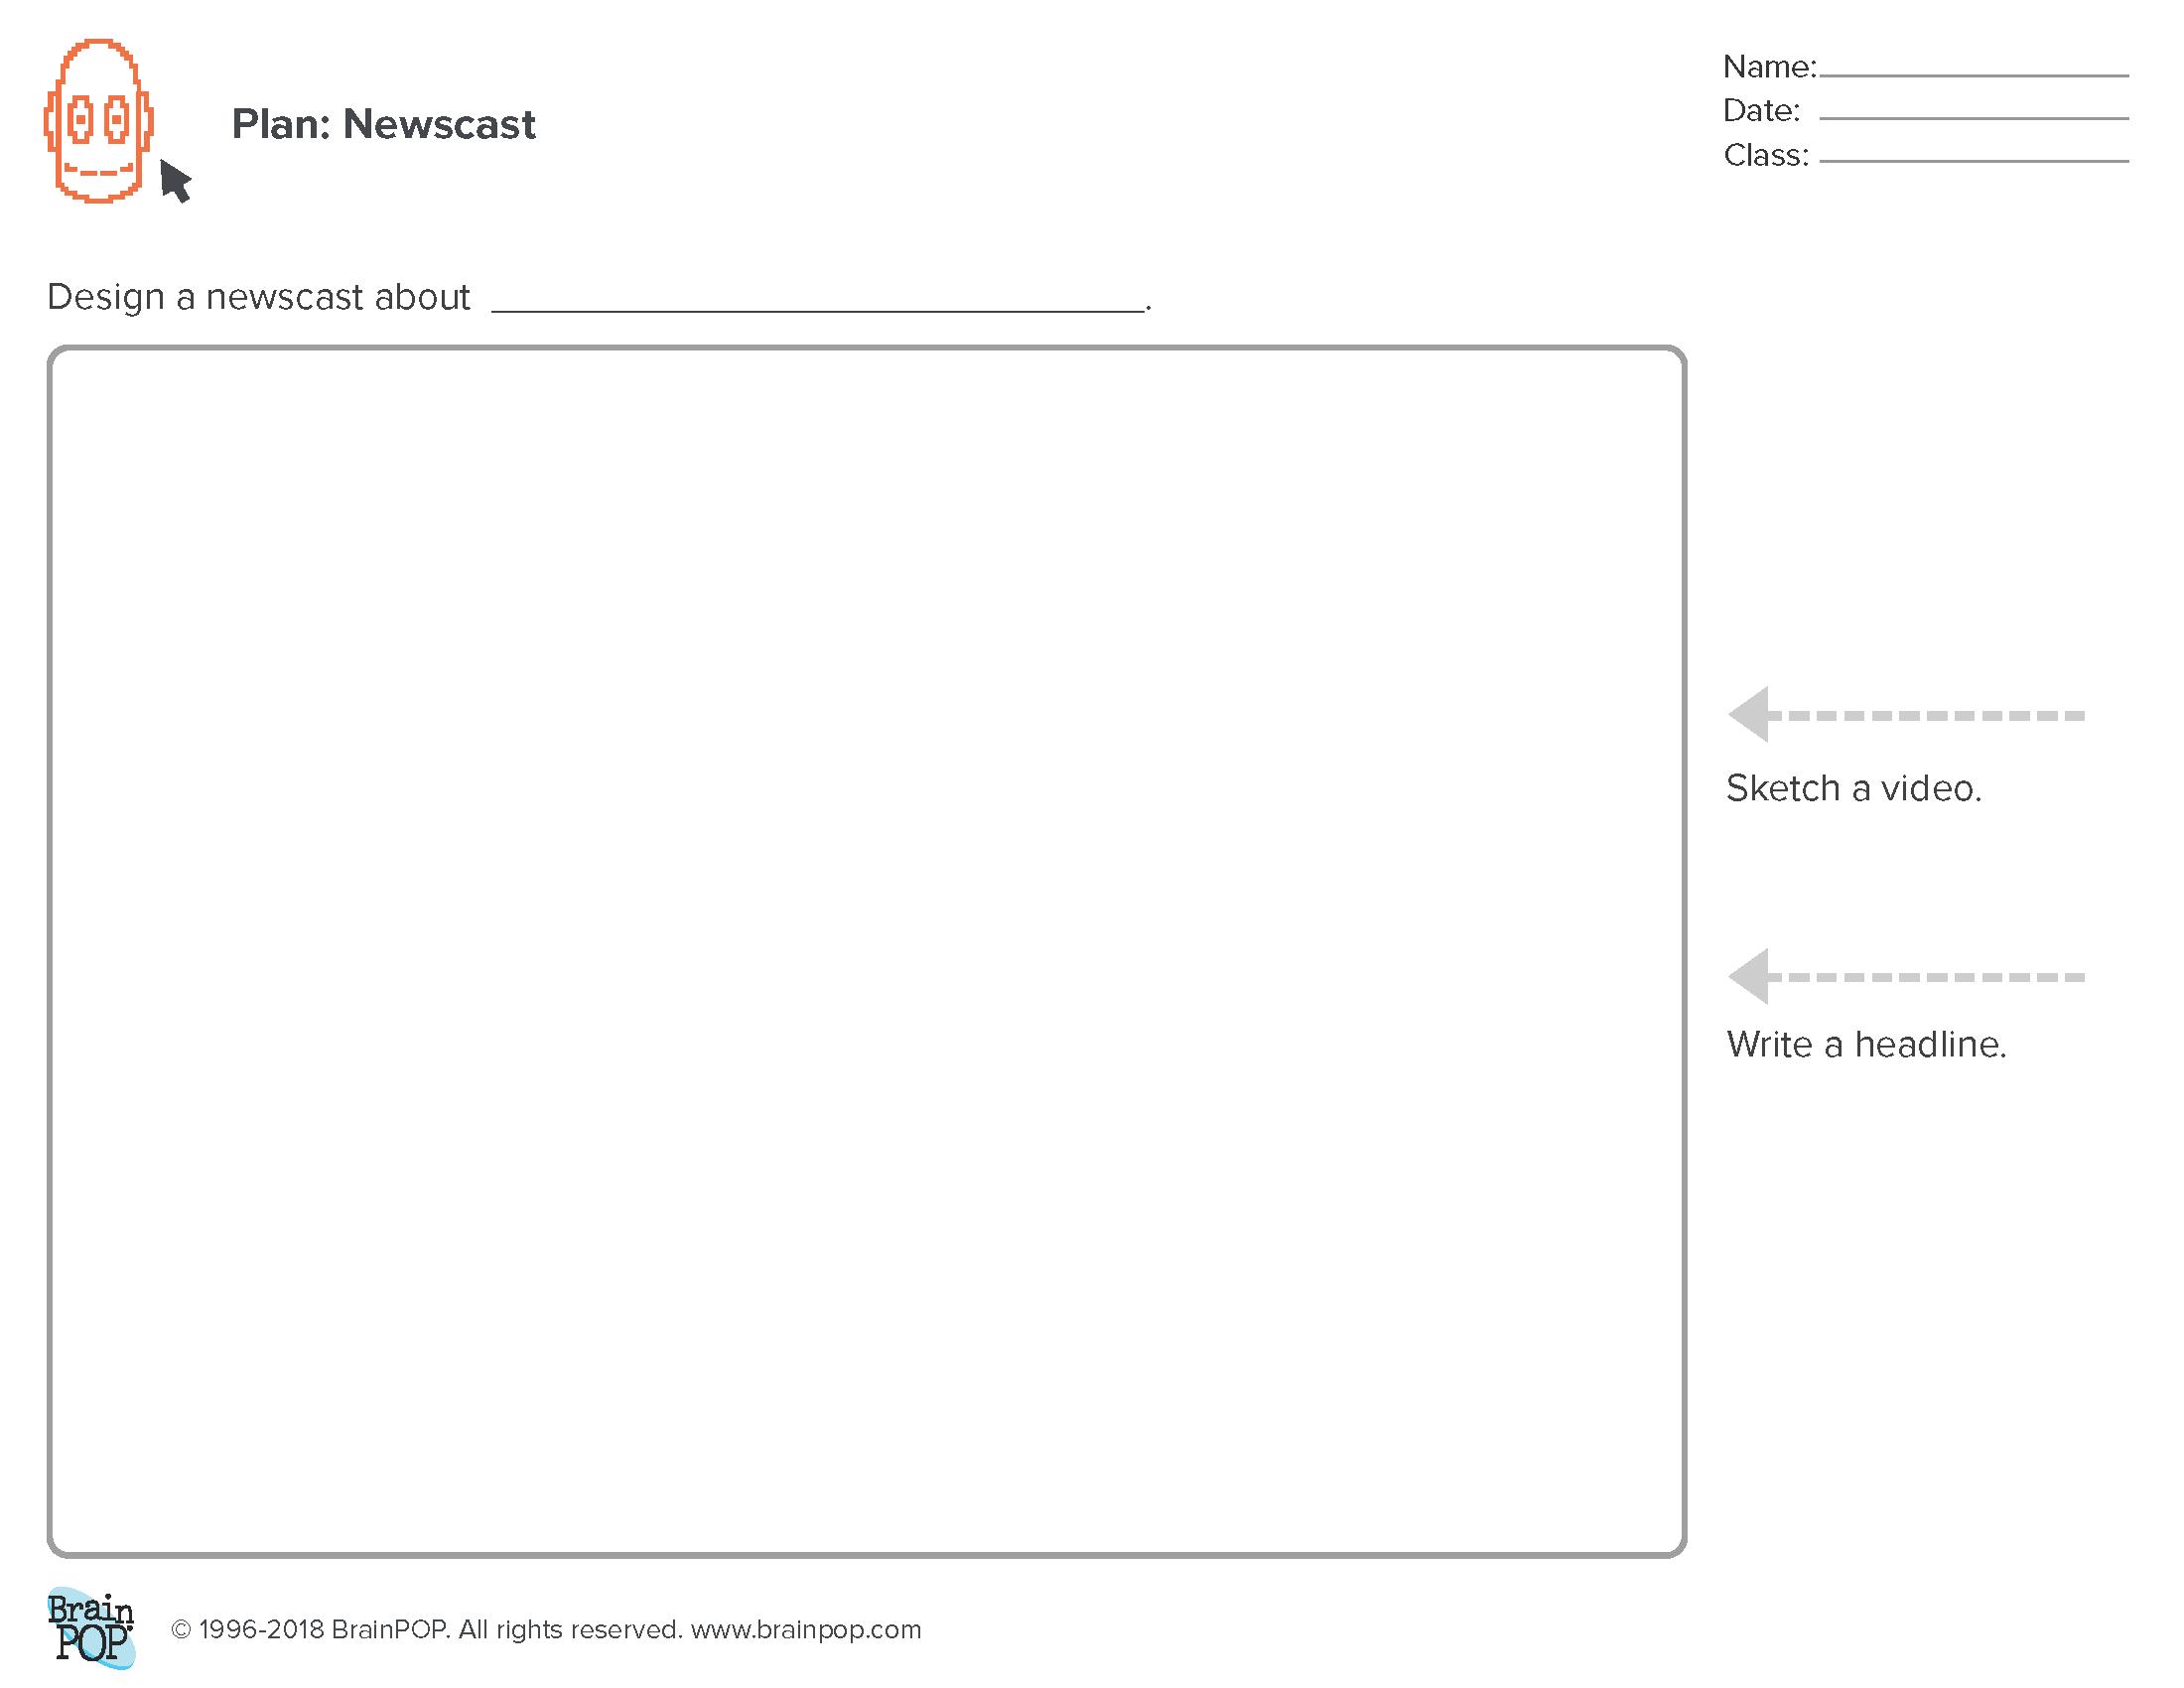 Planning Sheet: Newscast